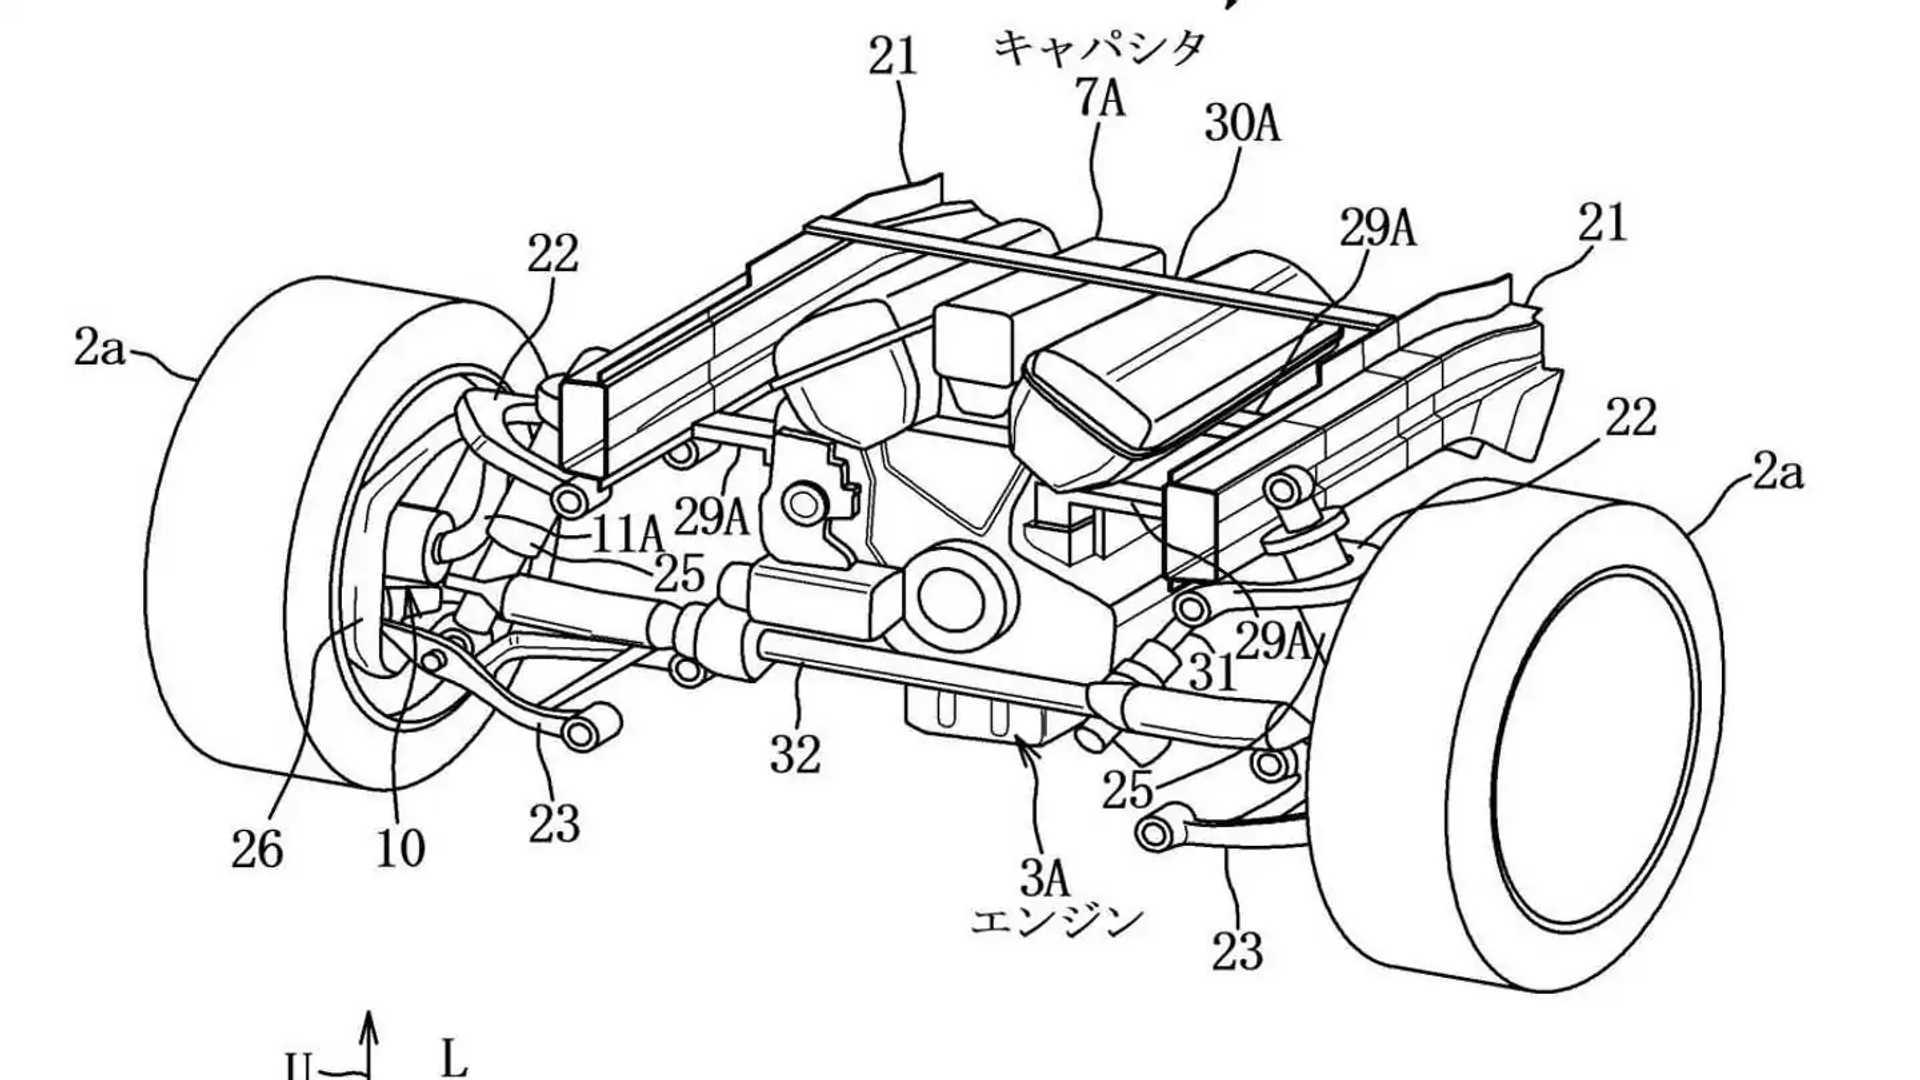 Mazda Patentiert Interessanten Wankel Hybrid Antrieb